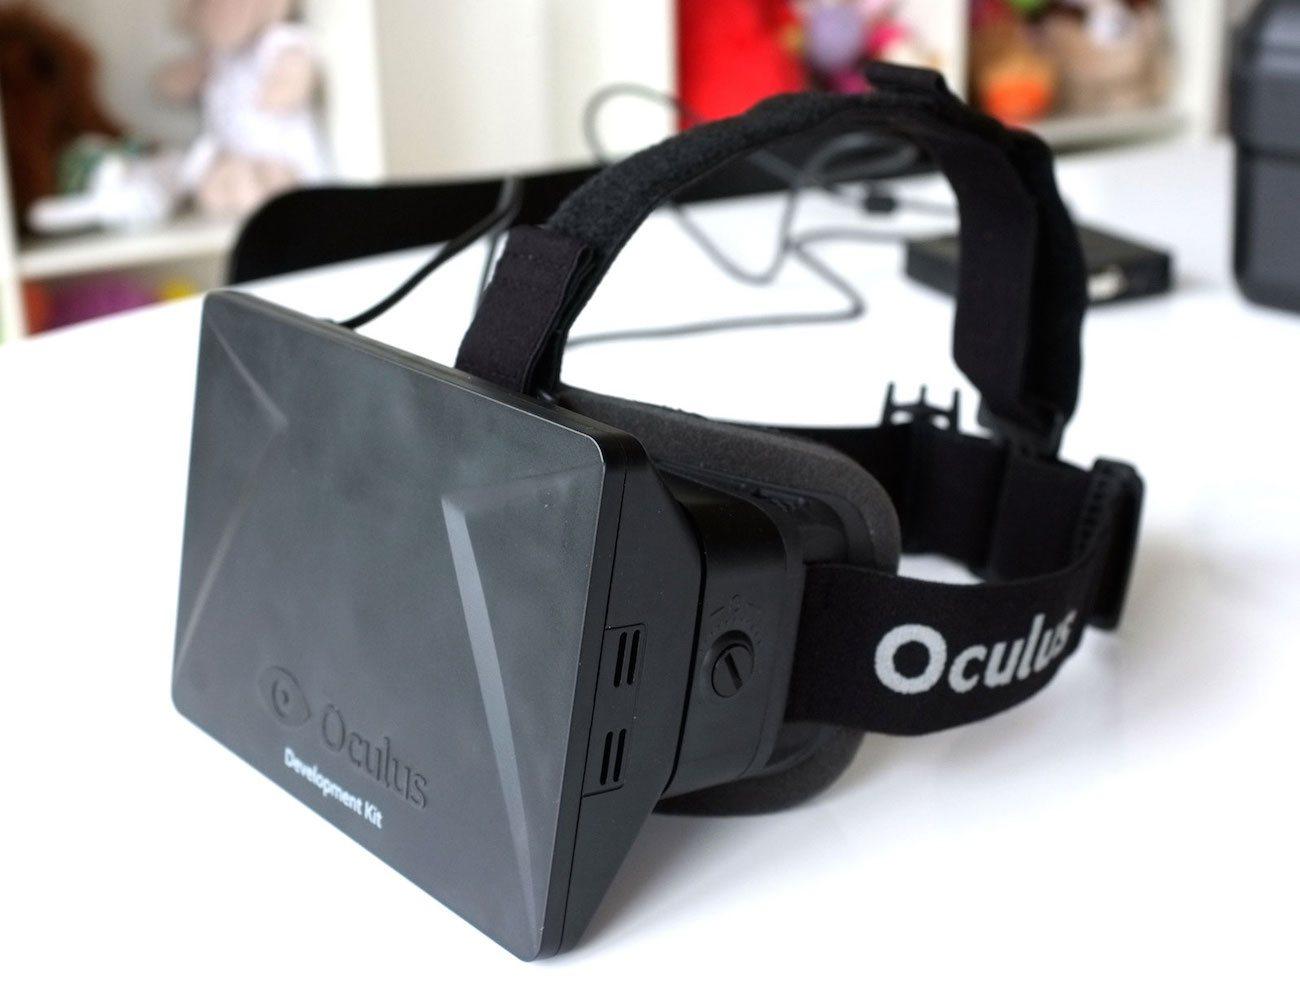 Oculus Rift Developers Kit